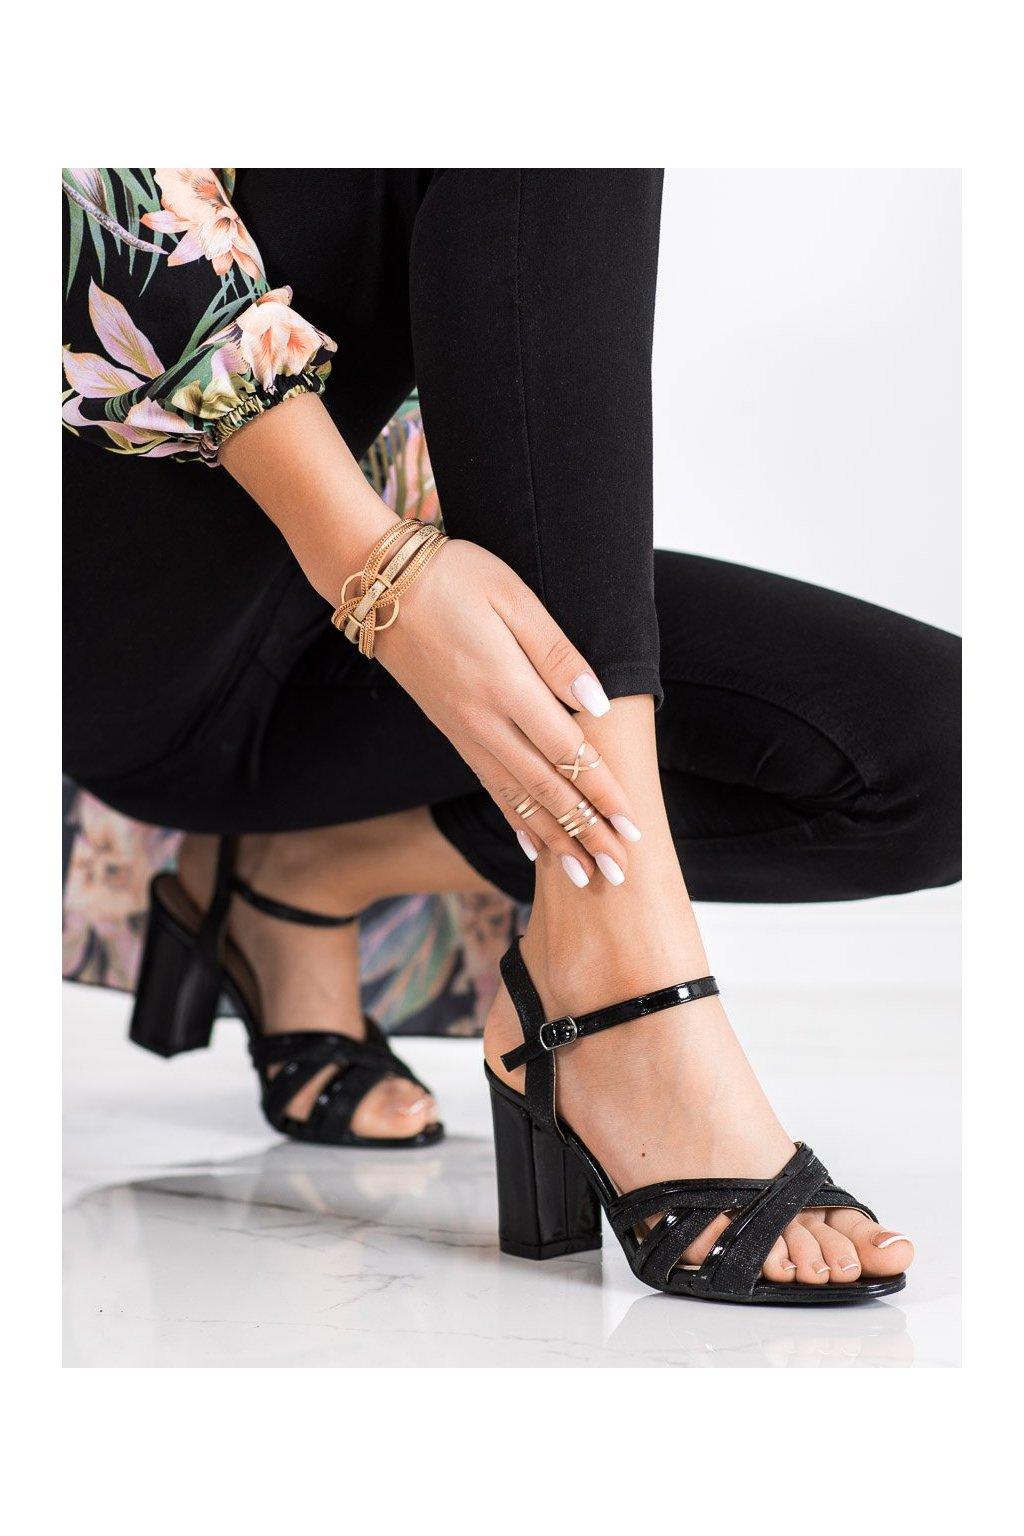 Čierne sandále na podpätku Shelovet kod 20SD25-2090B